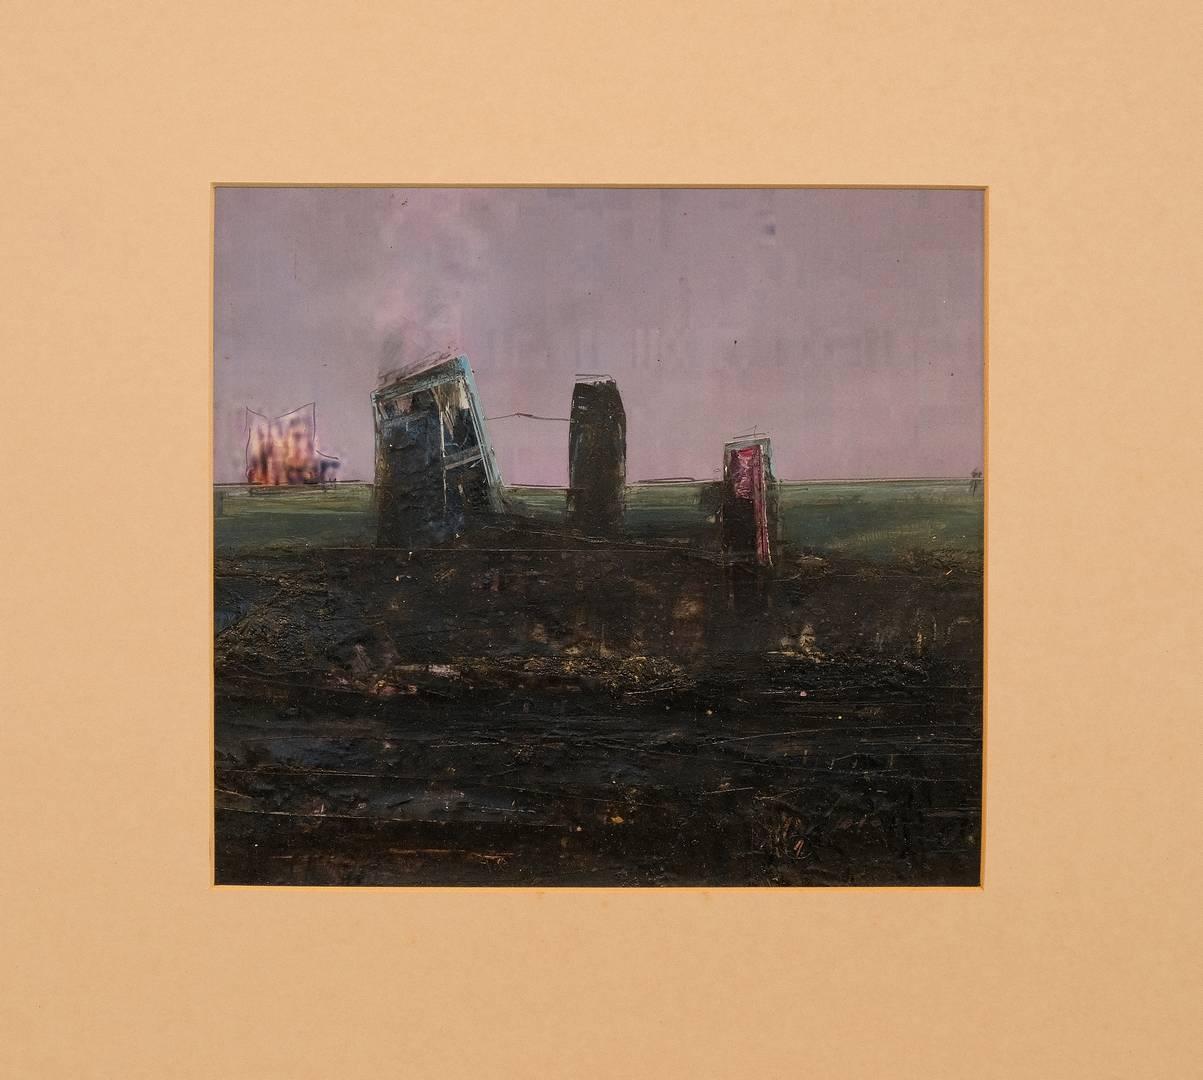 Sait Toprak, 24x26 cm, Xwezajahr, Kağıt üzerine karışık teknik, 2009